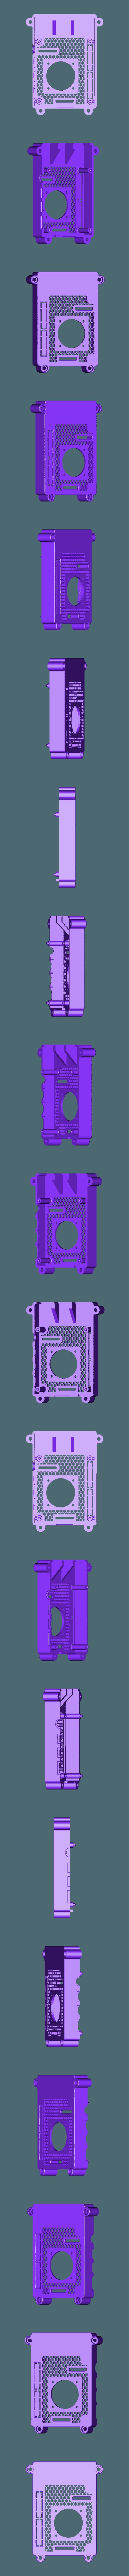 FULL_30MM_SLOTTED.STL Télécharger fichier STL gratuit Étui Pi 4B Framboise Framboise • Objet pour imprimante 3D, mkellsy